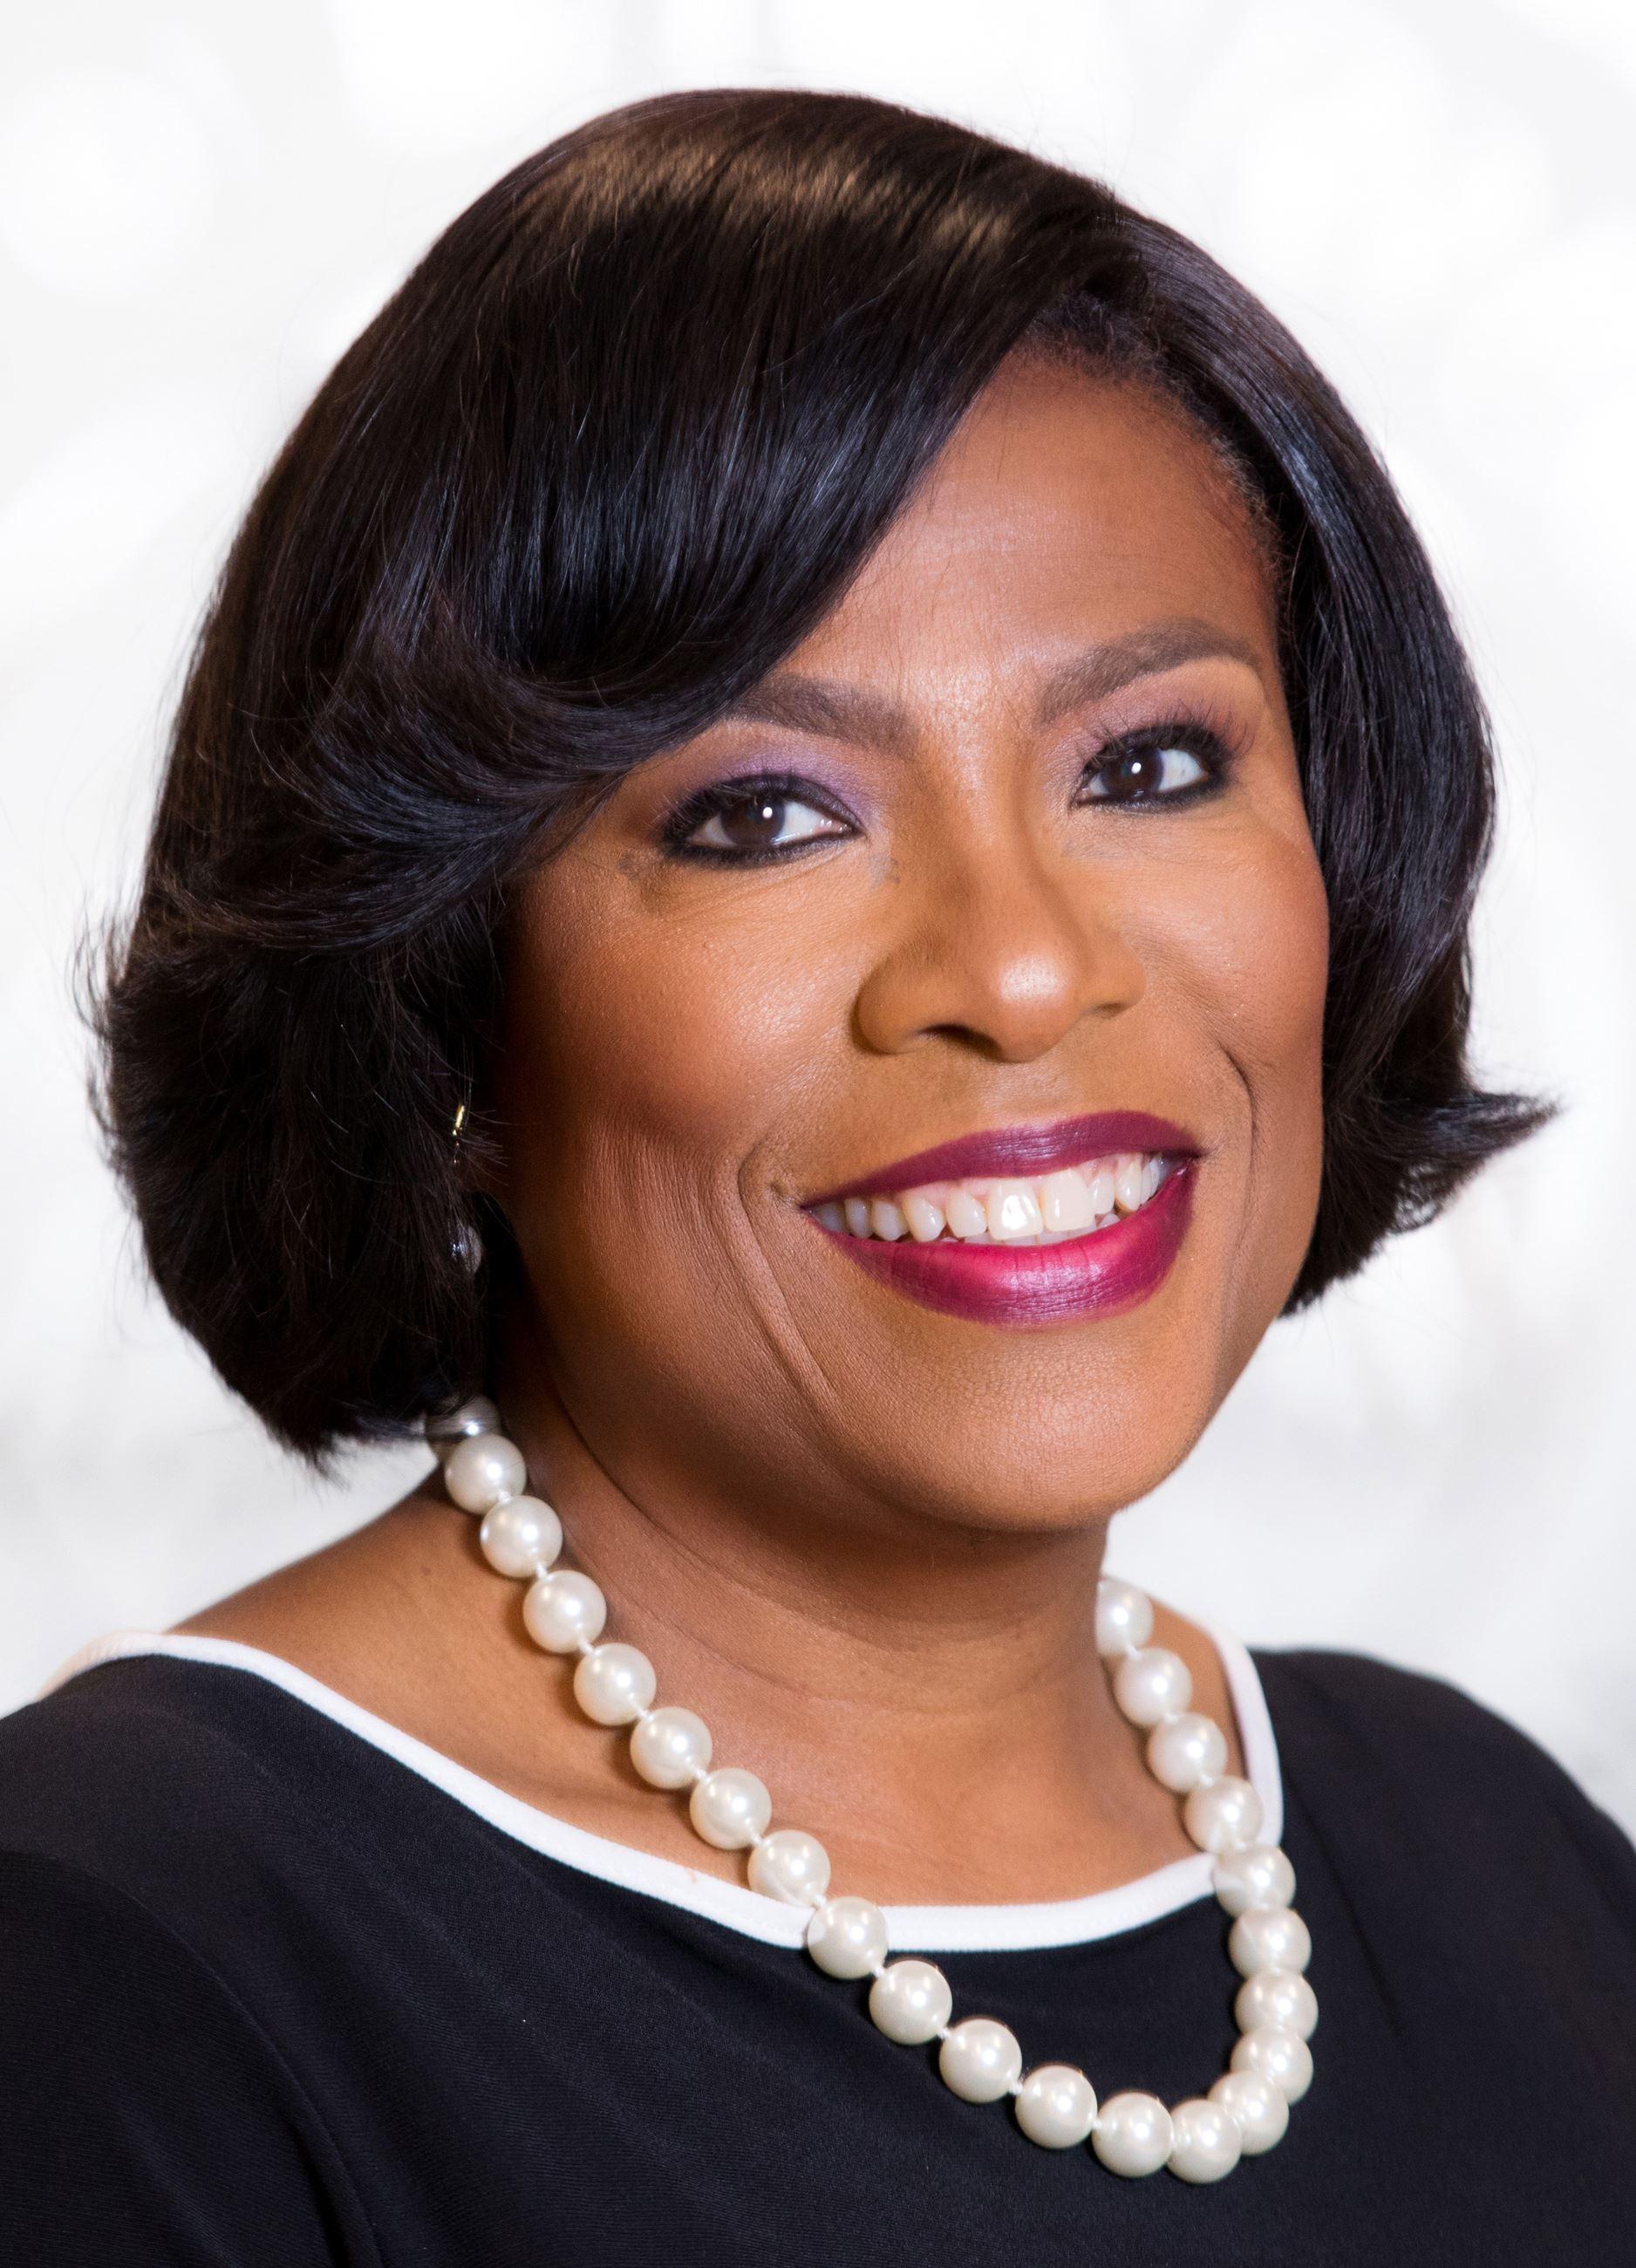 Mayor Sharon Weston Broome, Baton Rouge, LA